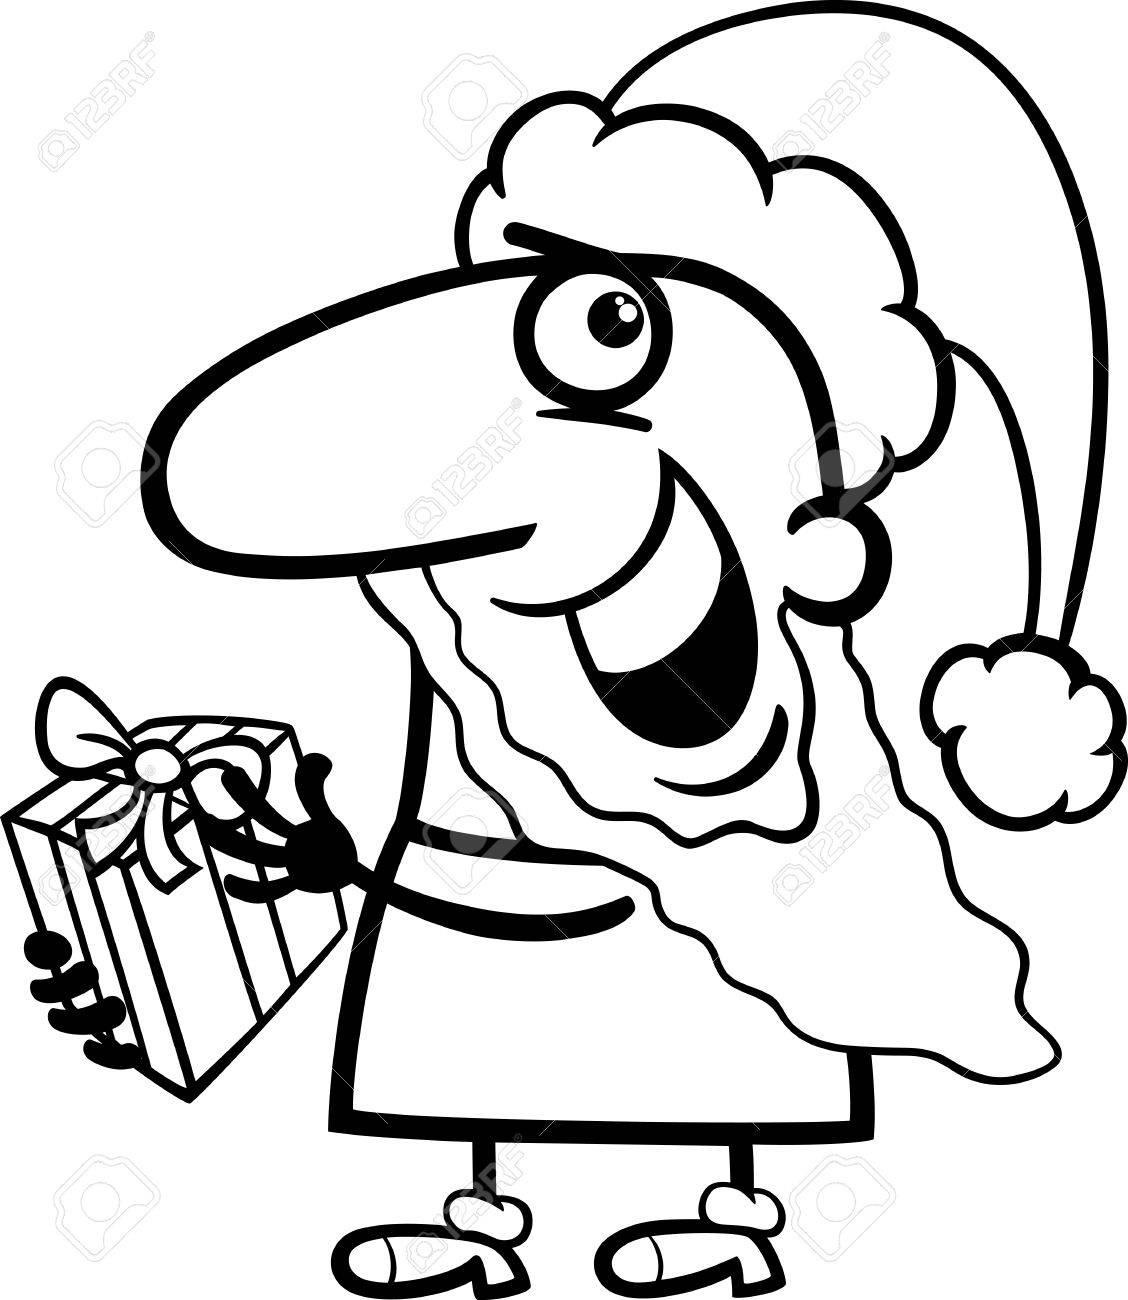 塗り絵のクリスマス プレゼントで面白いサンタ クロースの黒と白の漫画